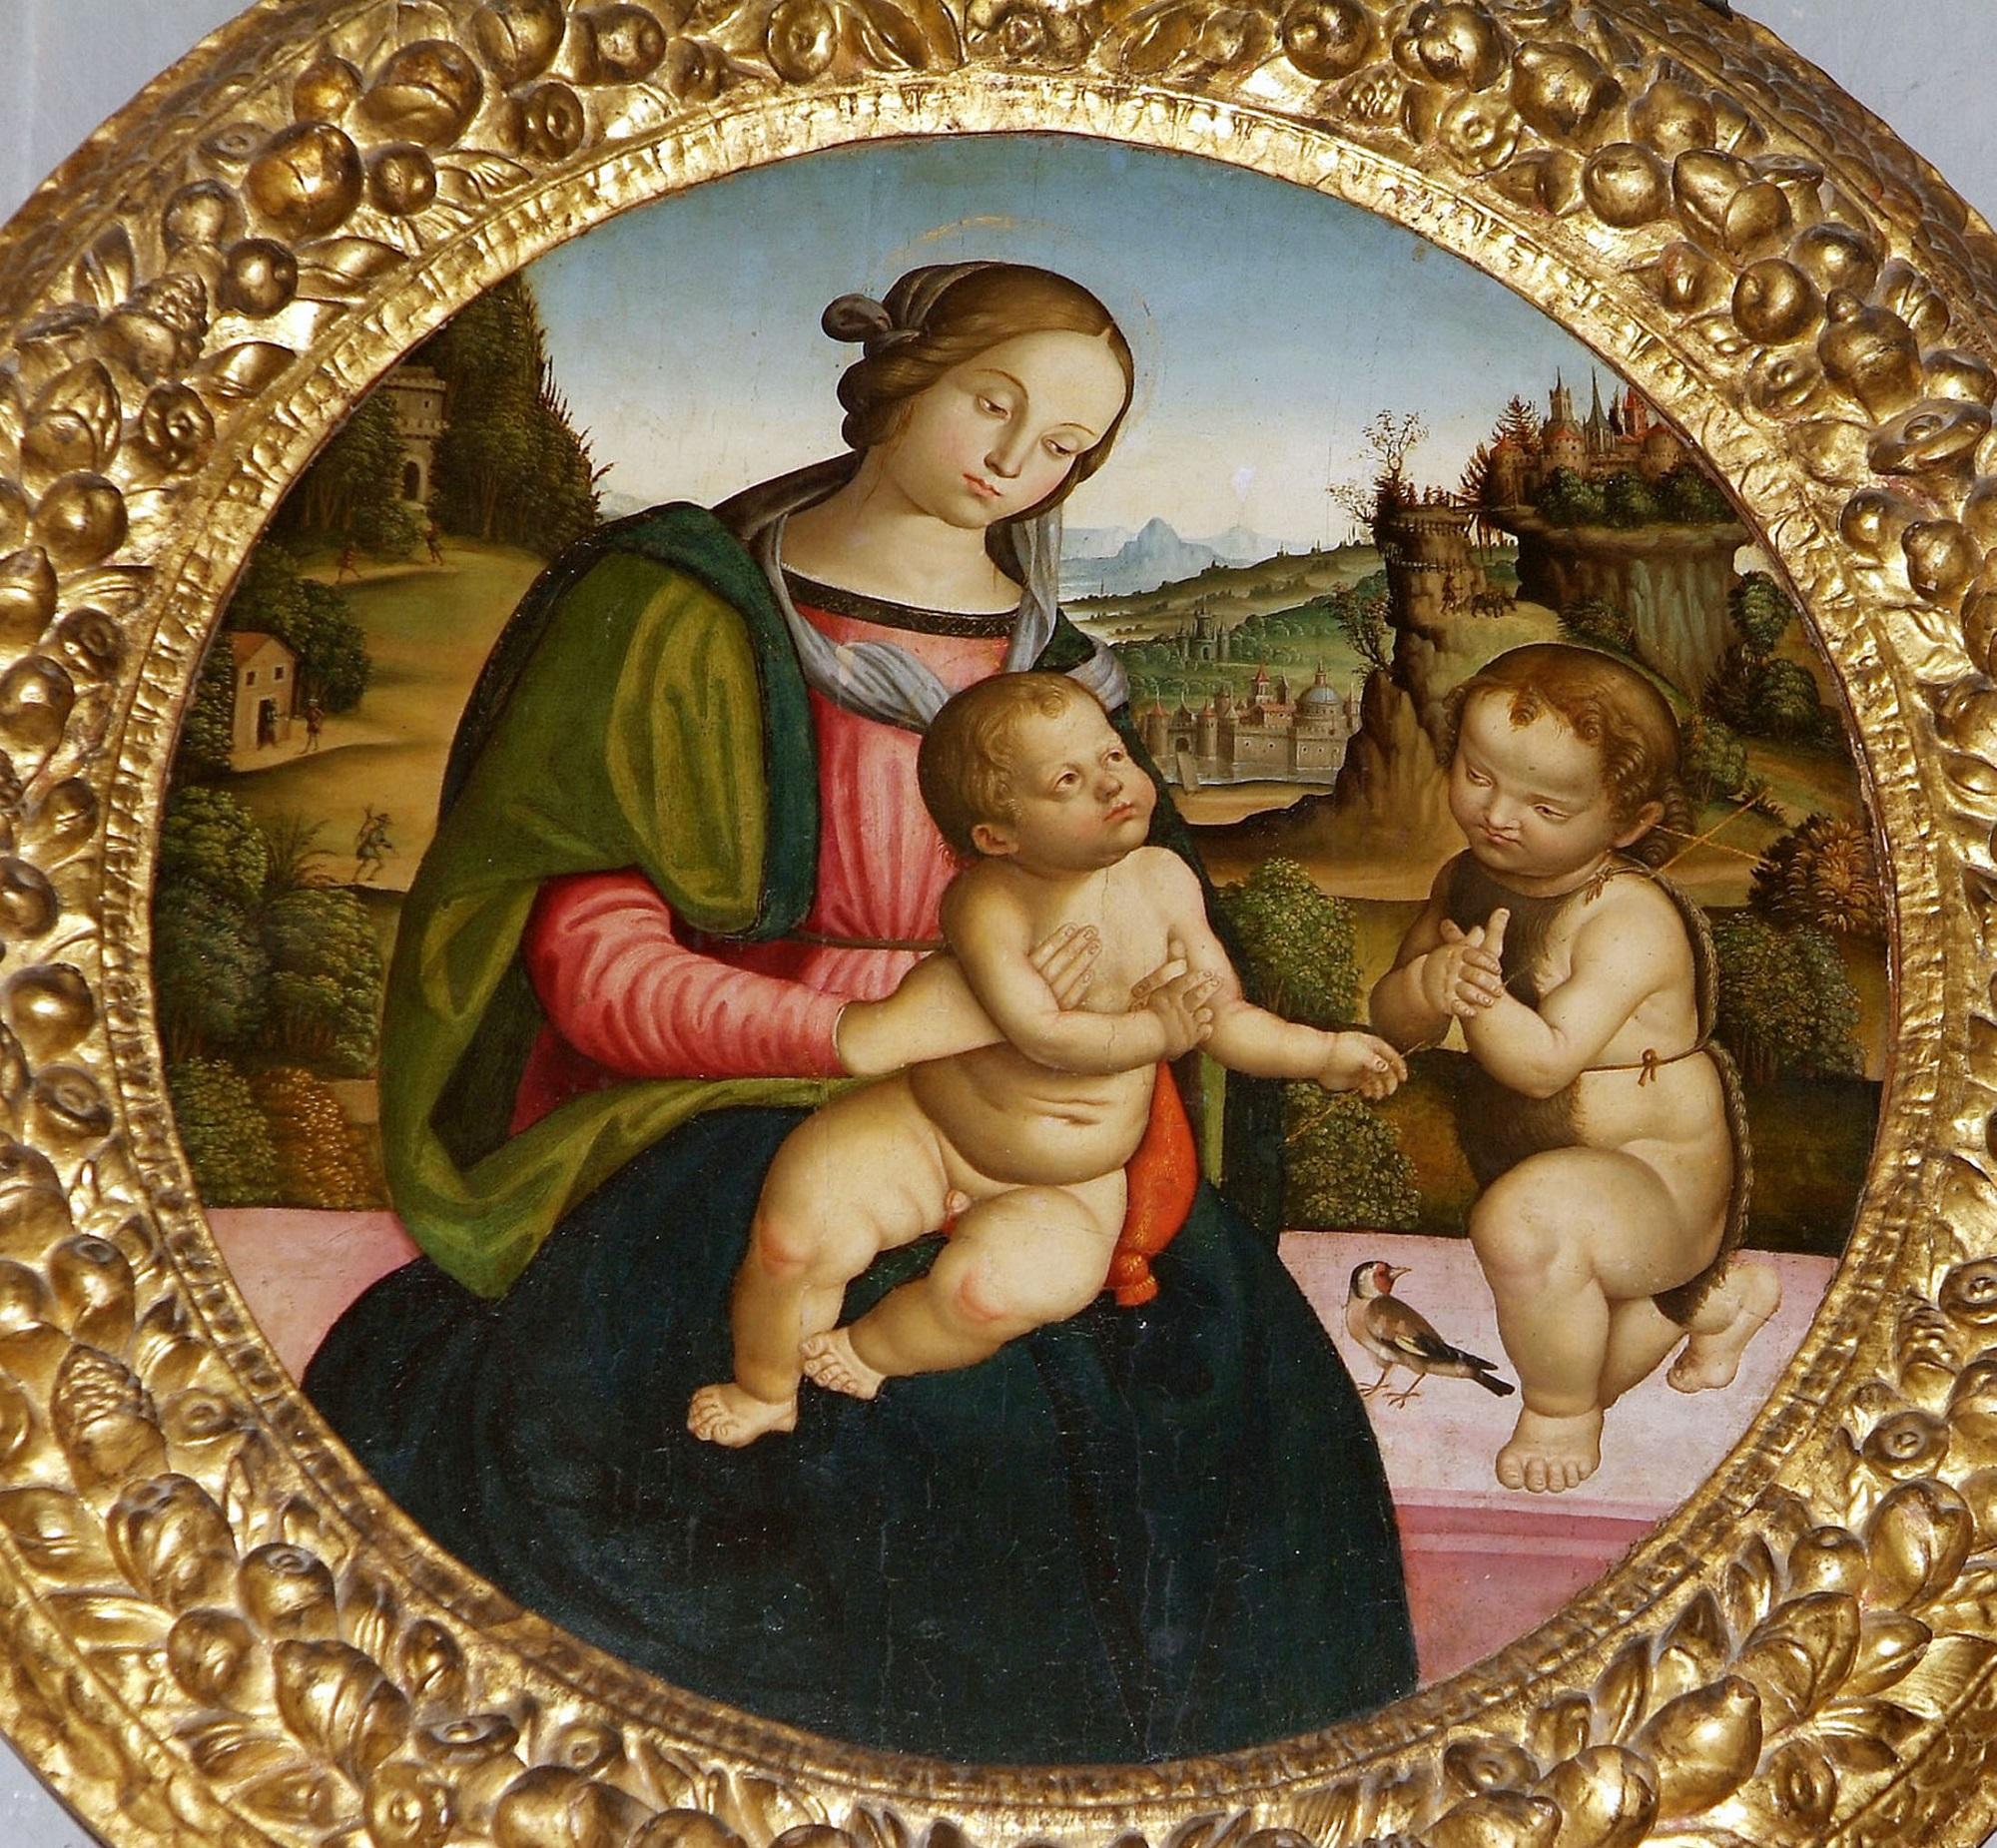 quadro raffigurante la Madonna con il bambino e San Giovanni Battista della scuola umbra perugino-Pintoricchiesca